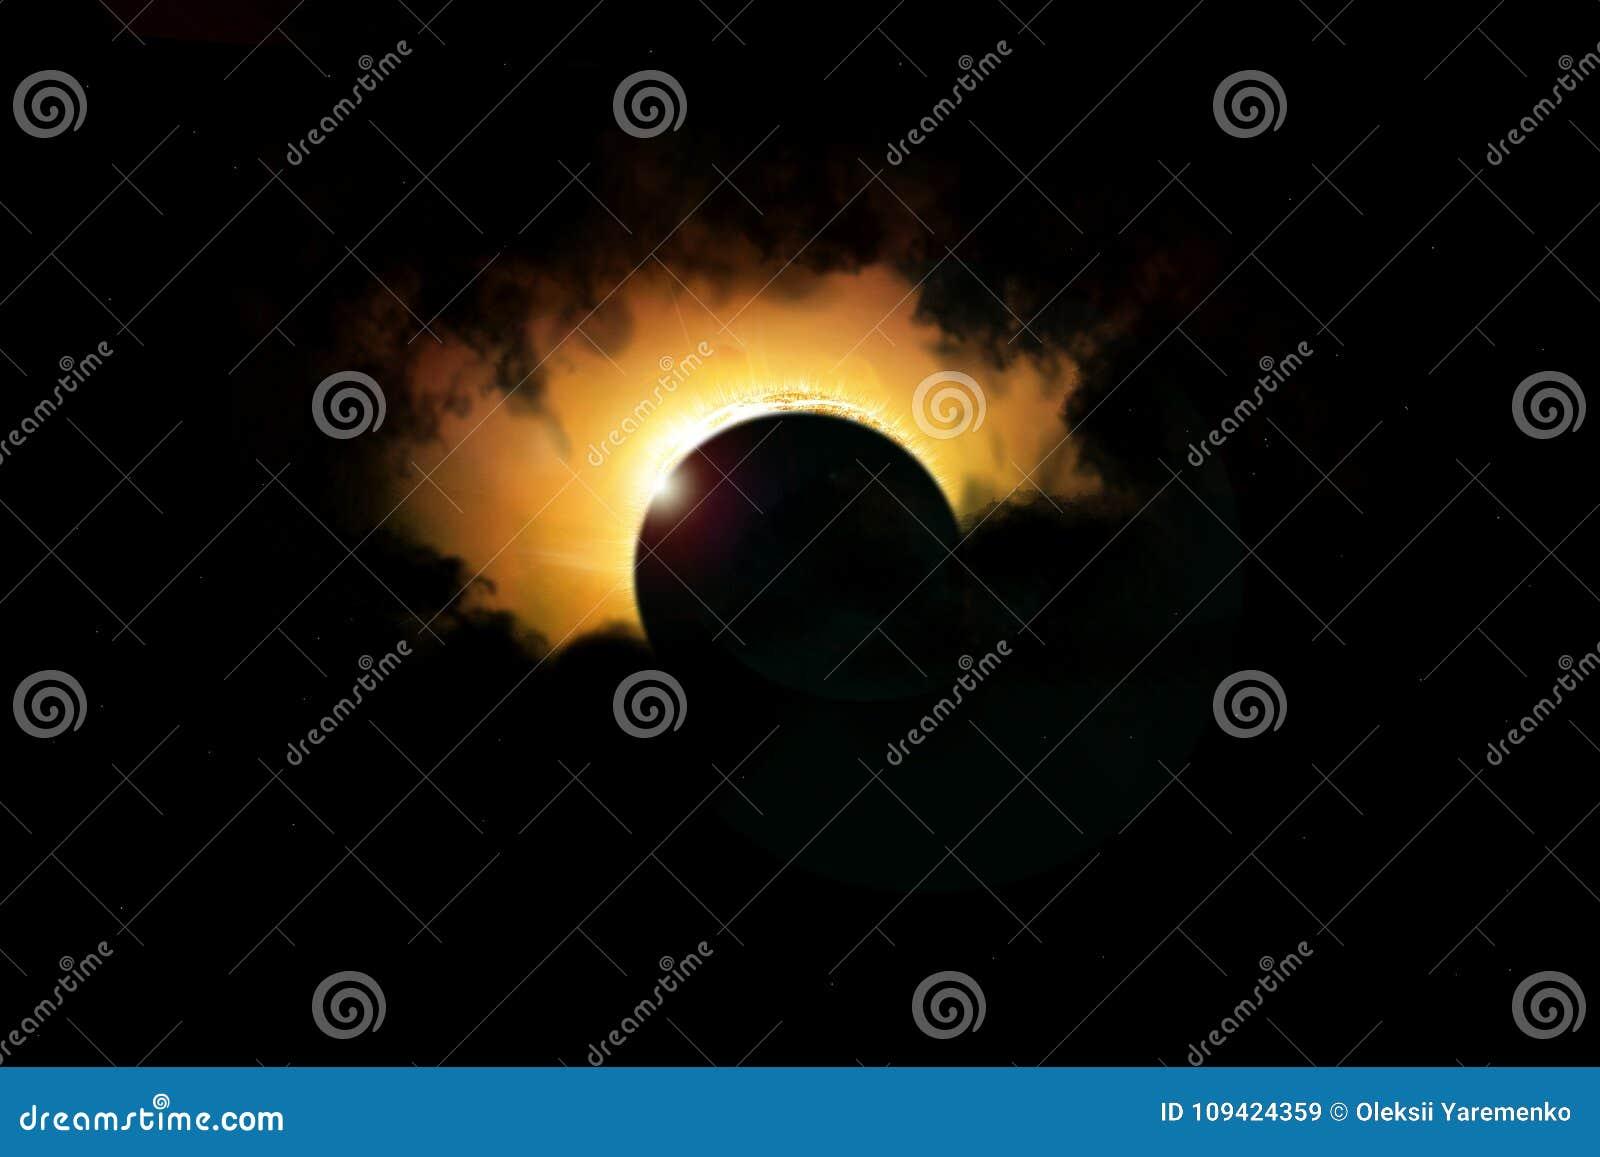 空间日蚀 太阳系,日晕,全蚀